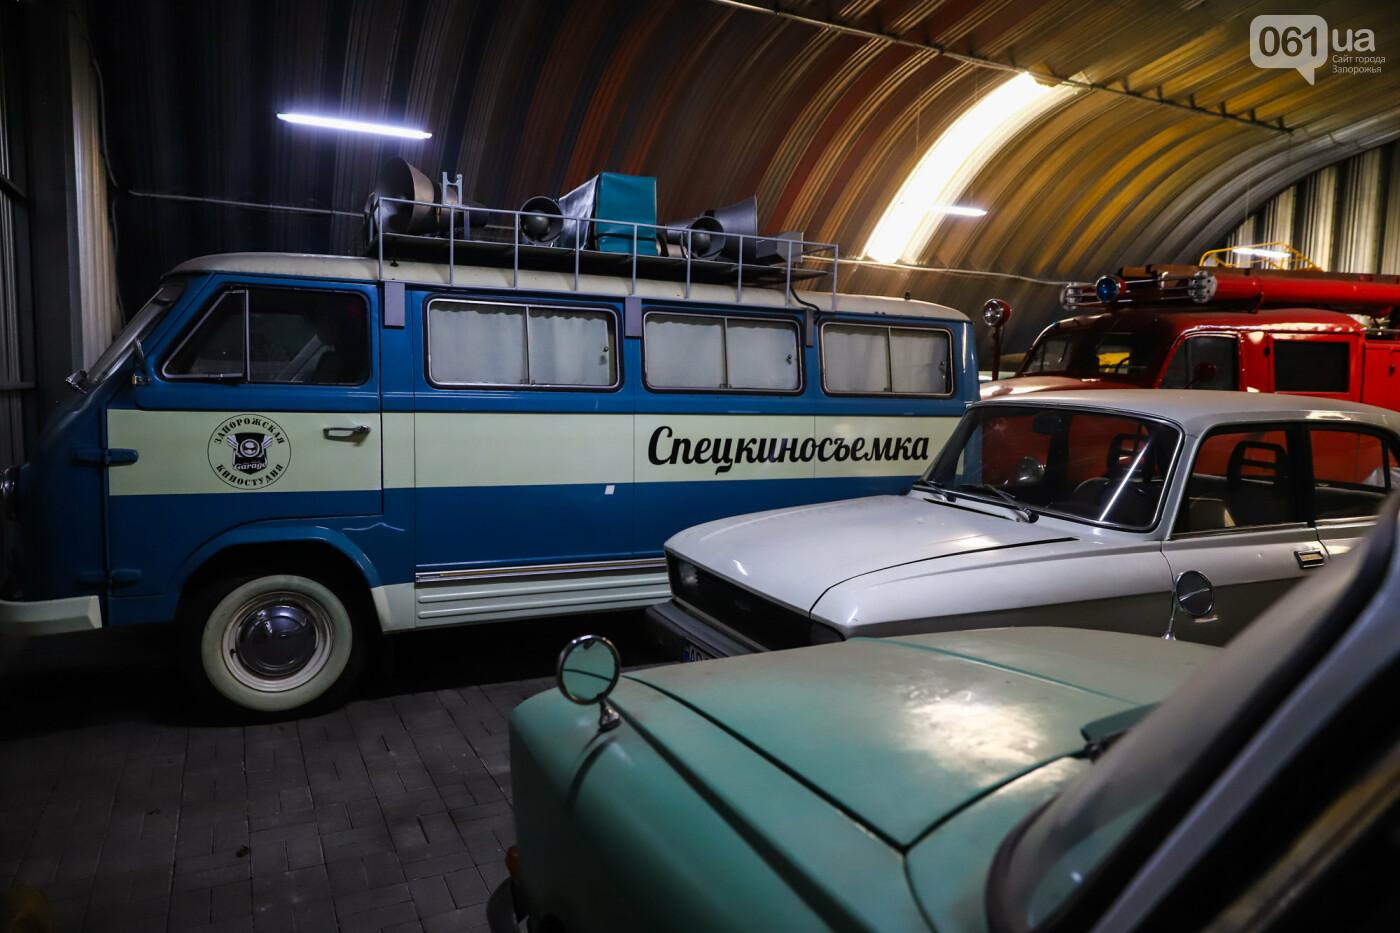 В Запорожье на месте зеленхоза одного из заводов появится Музей специального транспорта, - ФОТОРЕПОРТАЖ, фото-2